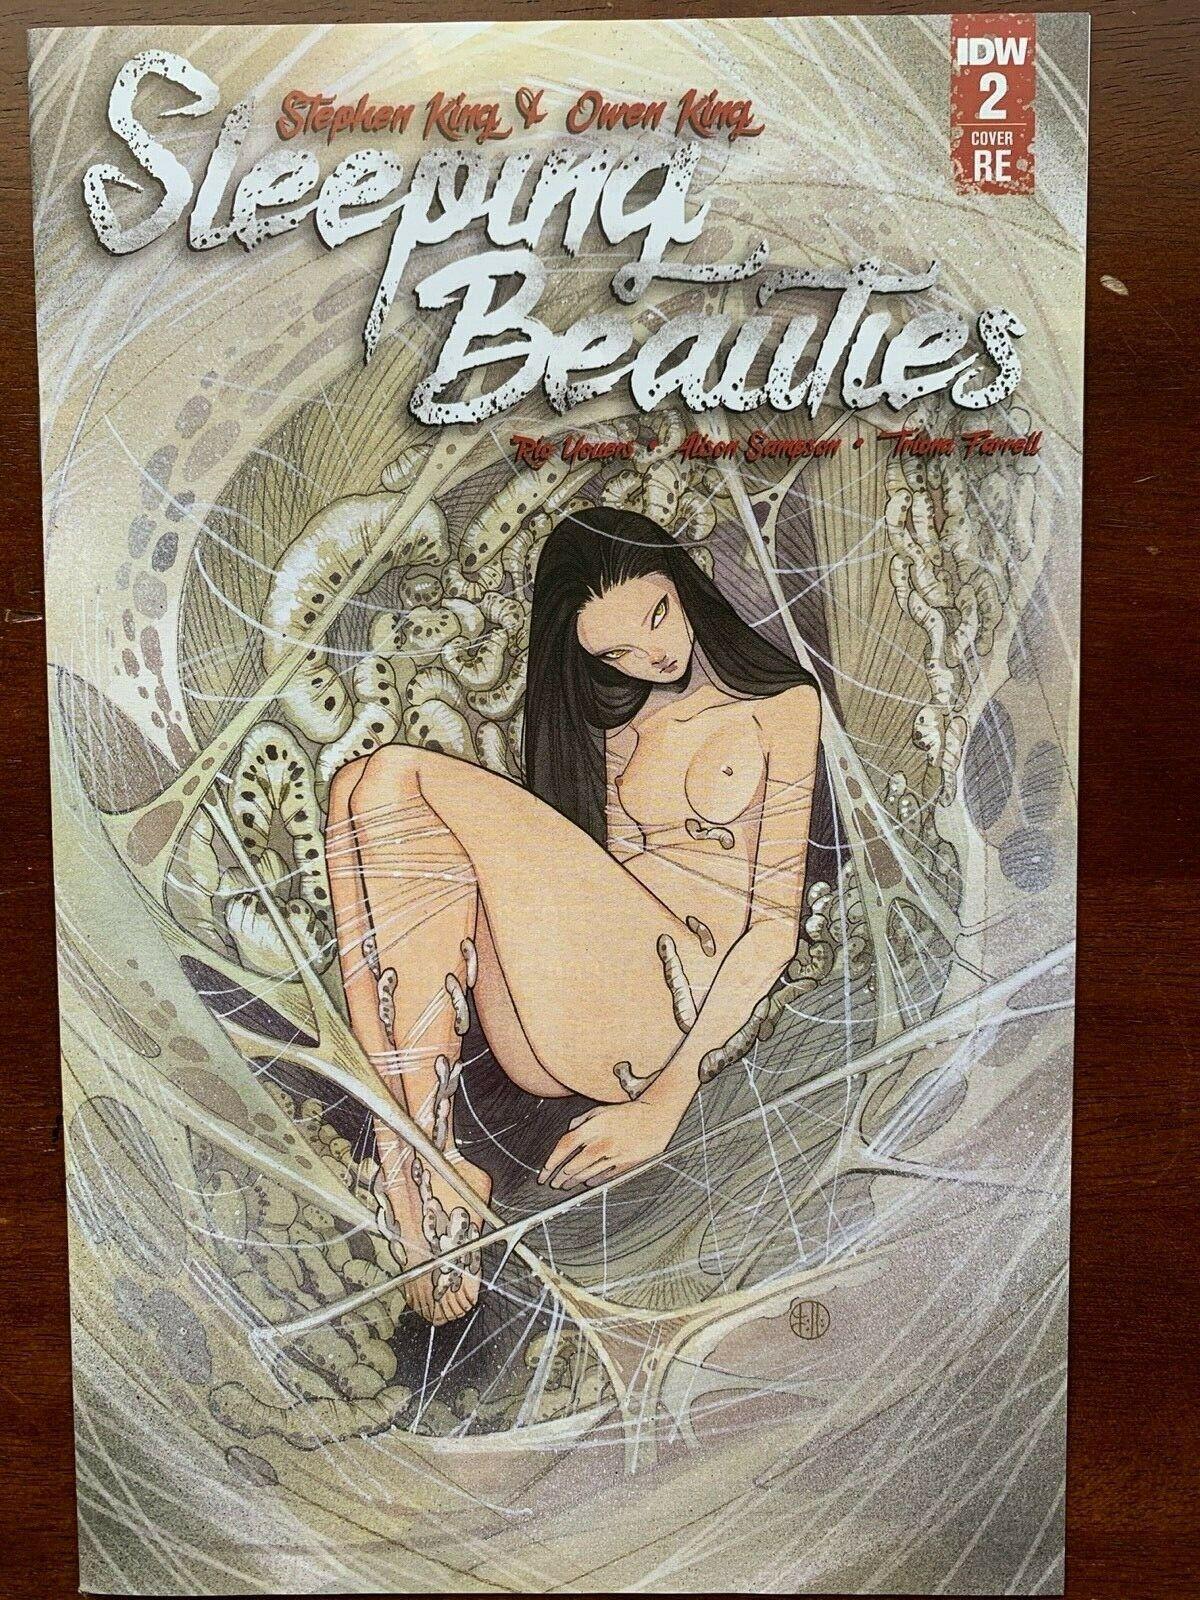 Sleepingbeauties Bd 02 Cover Re